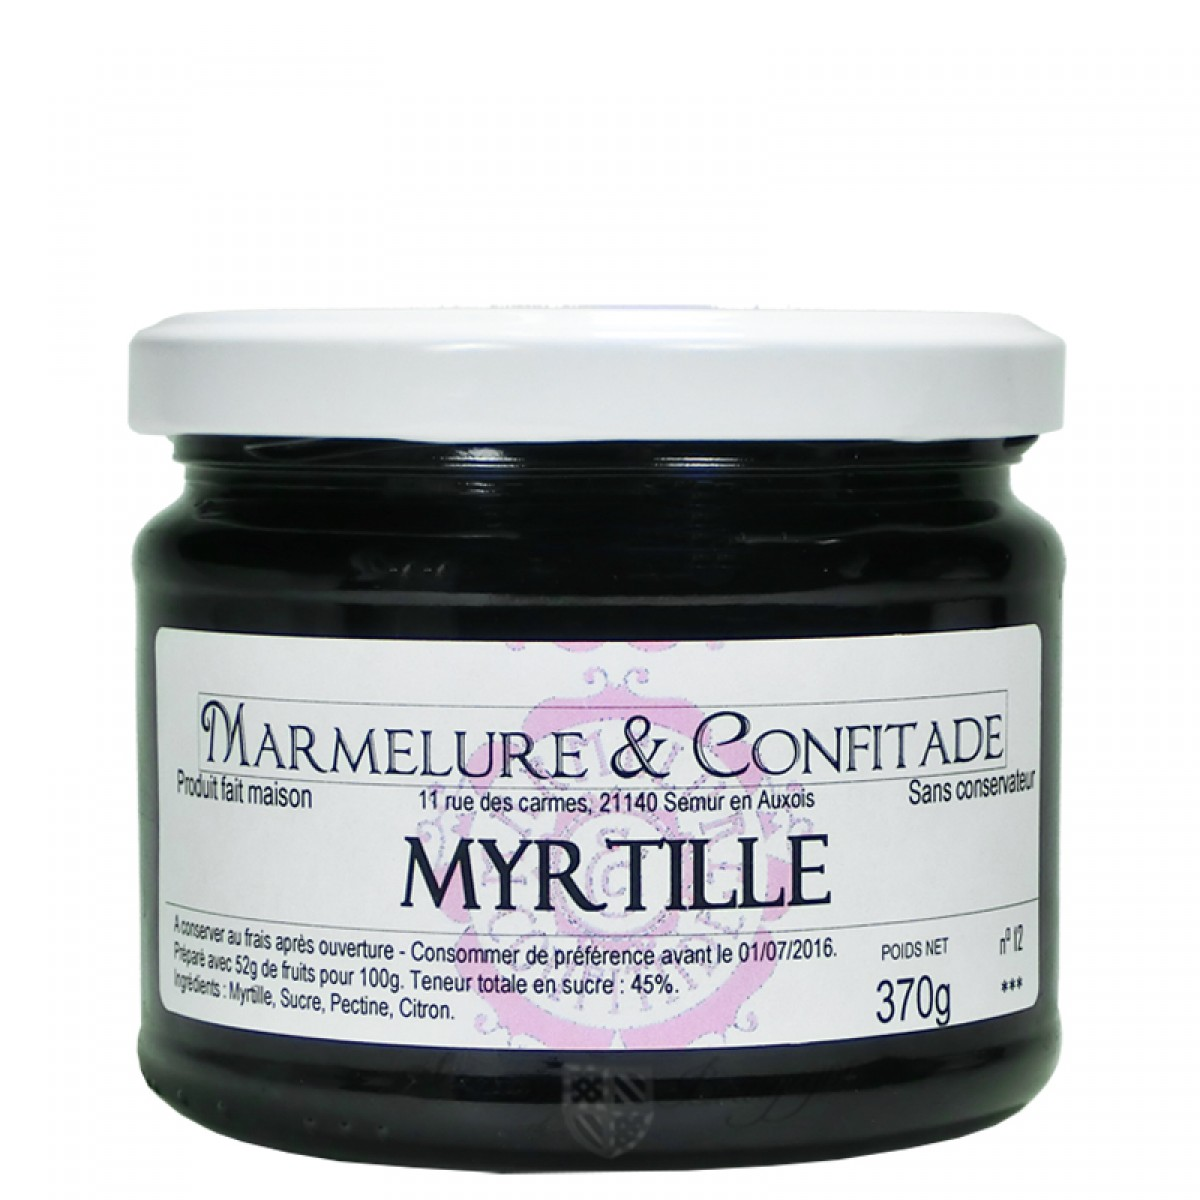 confiture myrtille 370g marmelure confitade saveurs de bourgogne vente de produits du terroir. Black Bedroom Furniture Sets. Home Design Ideas